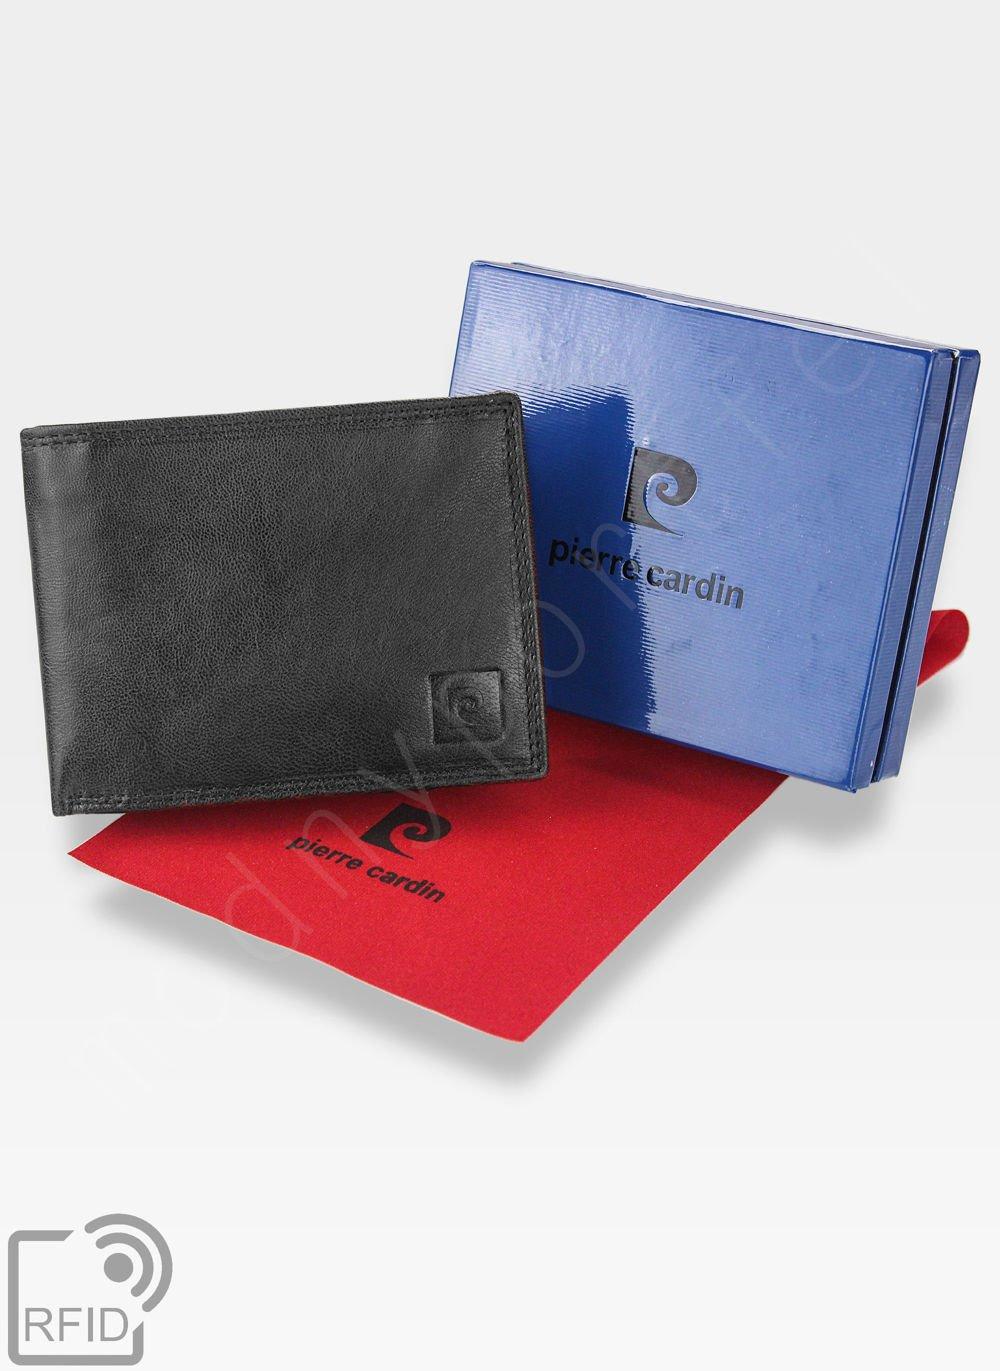 7705e7546acd4 Kliknij, aby powiększyć; Portfel Męski Pierre Cardin Skórzany Bezpieczny Portfel  RFID ...